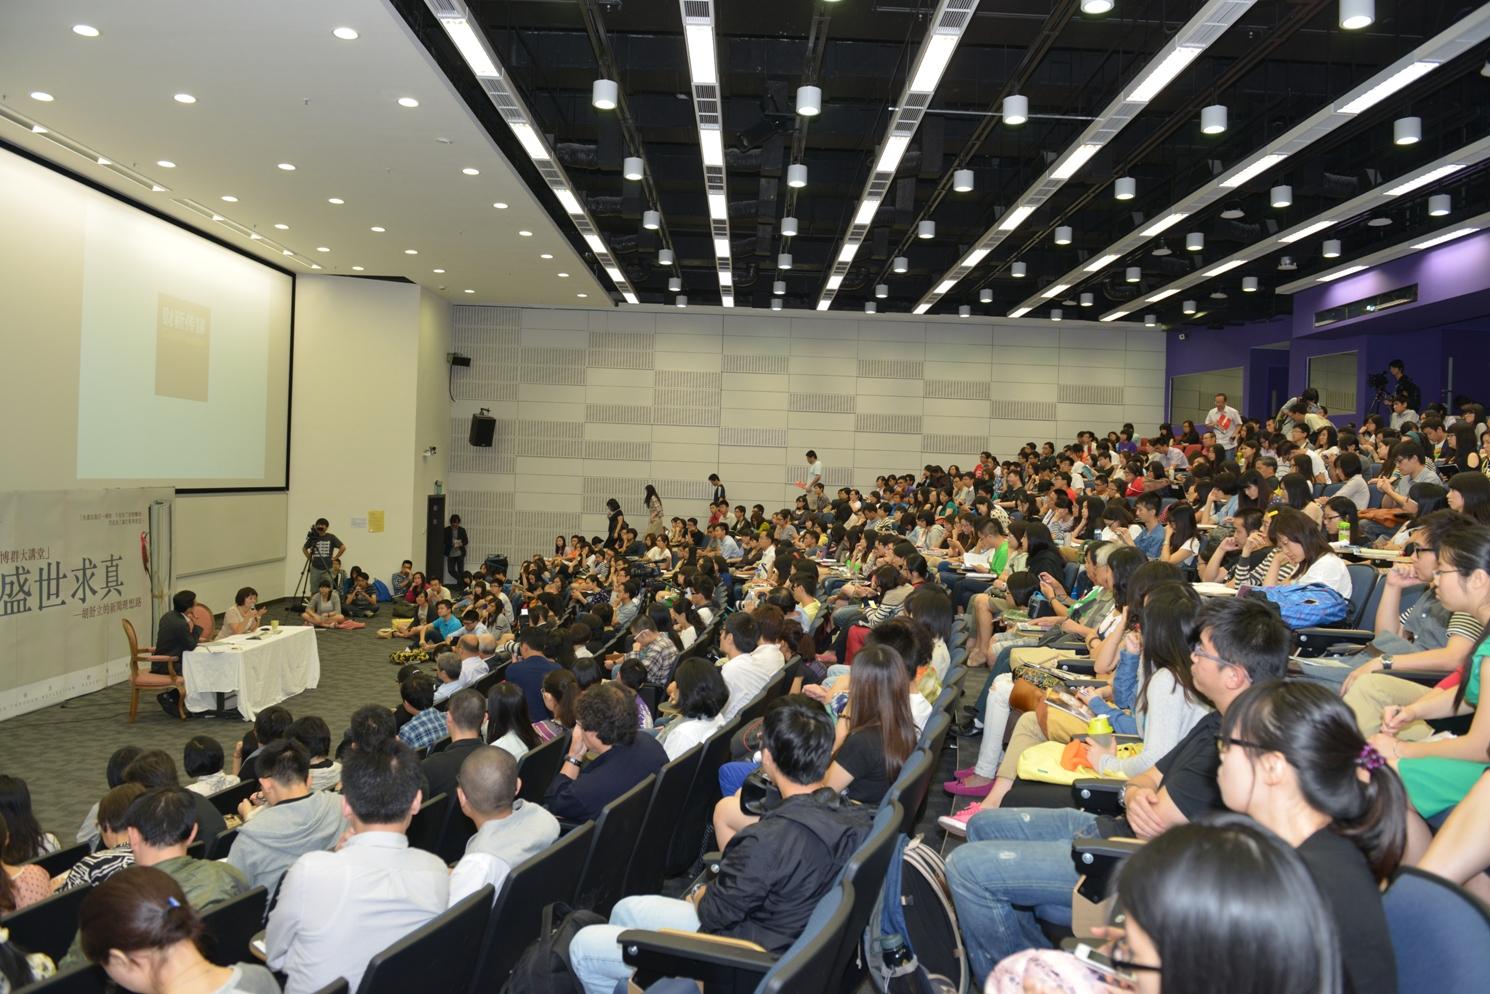 讲座现场挤满了师生。